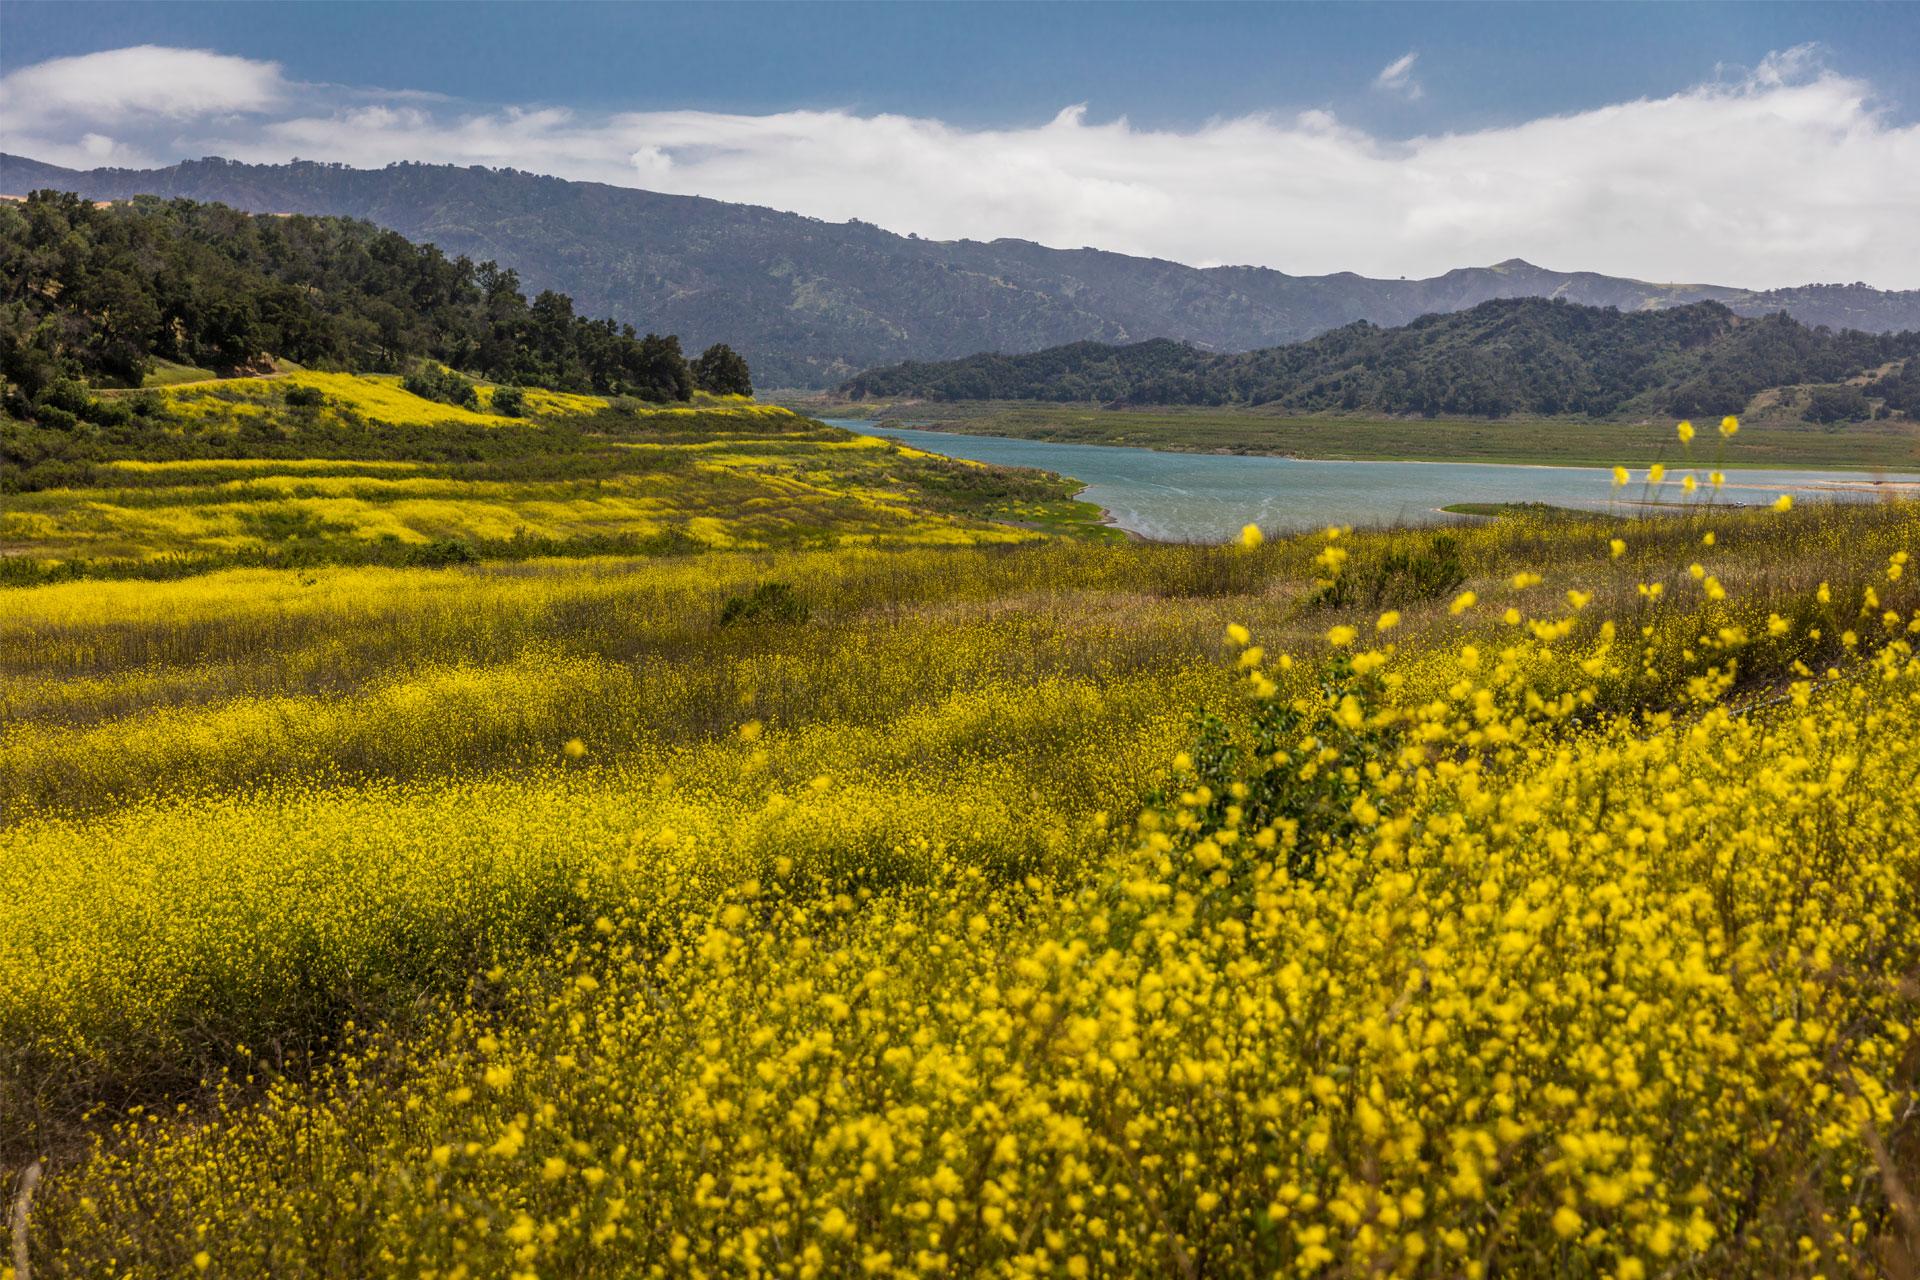 Ojai, California; Courtesy of Joseph Sohm/Shutterstock.com